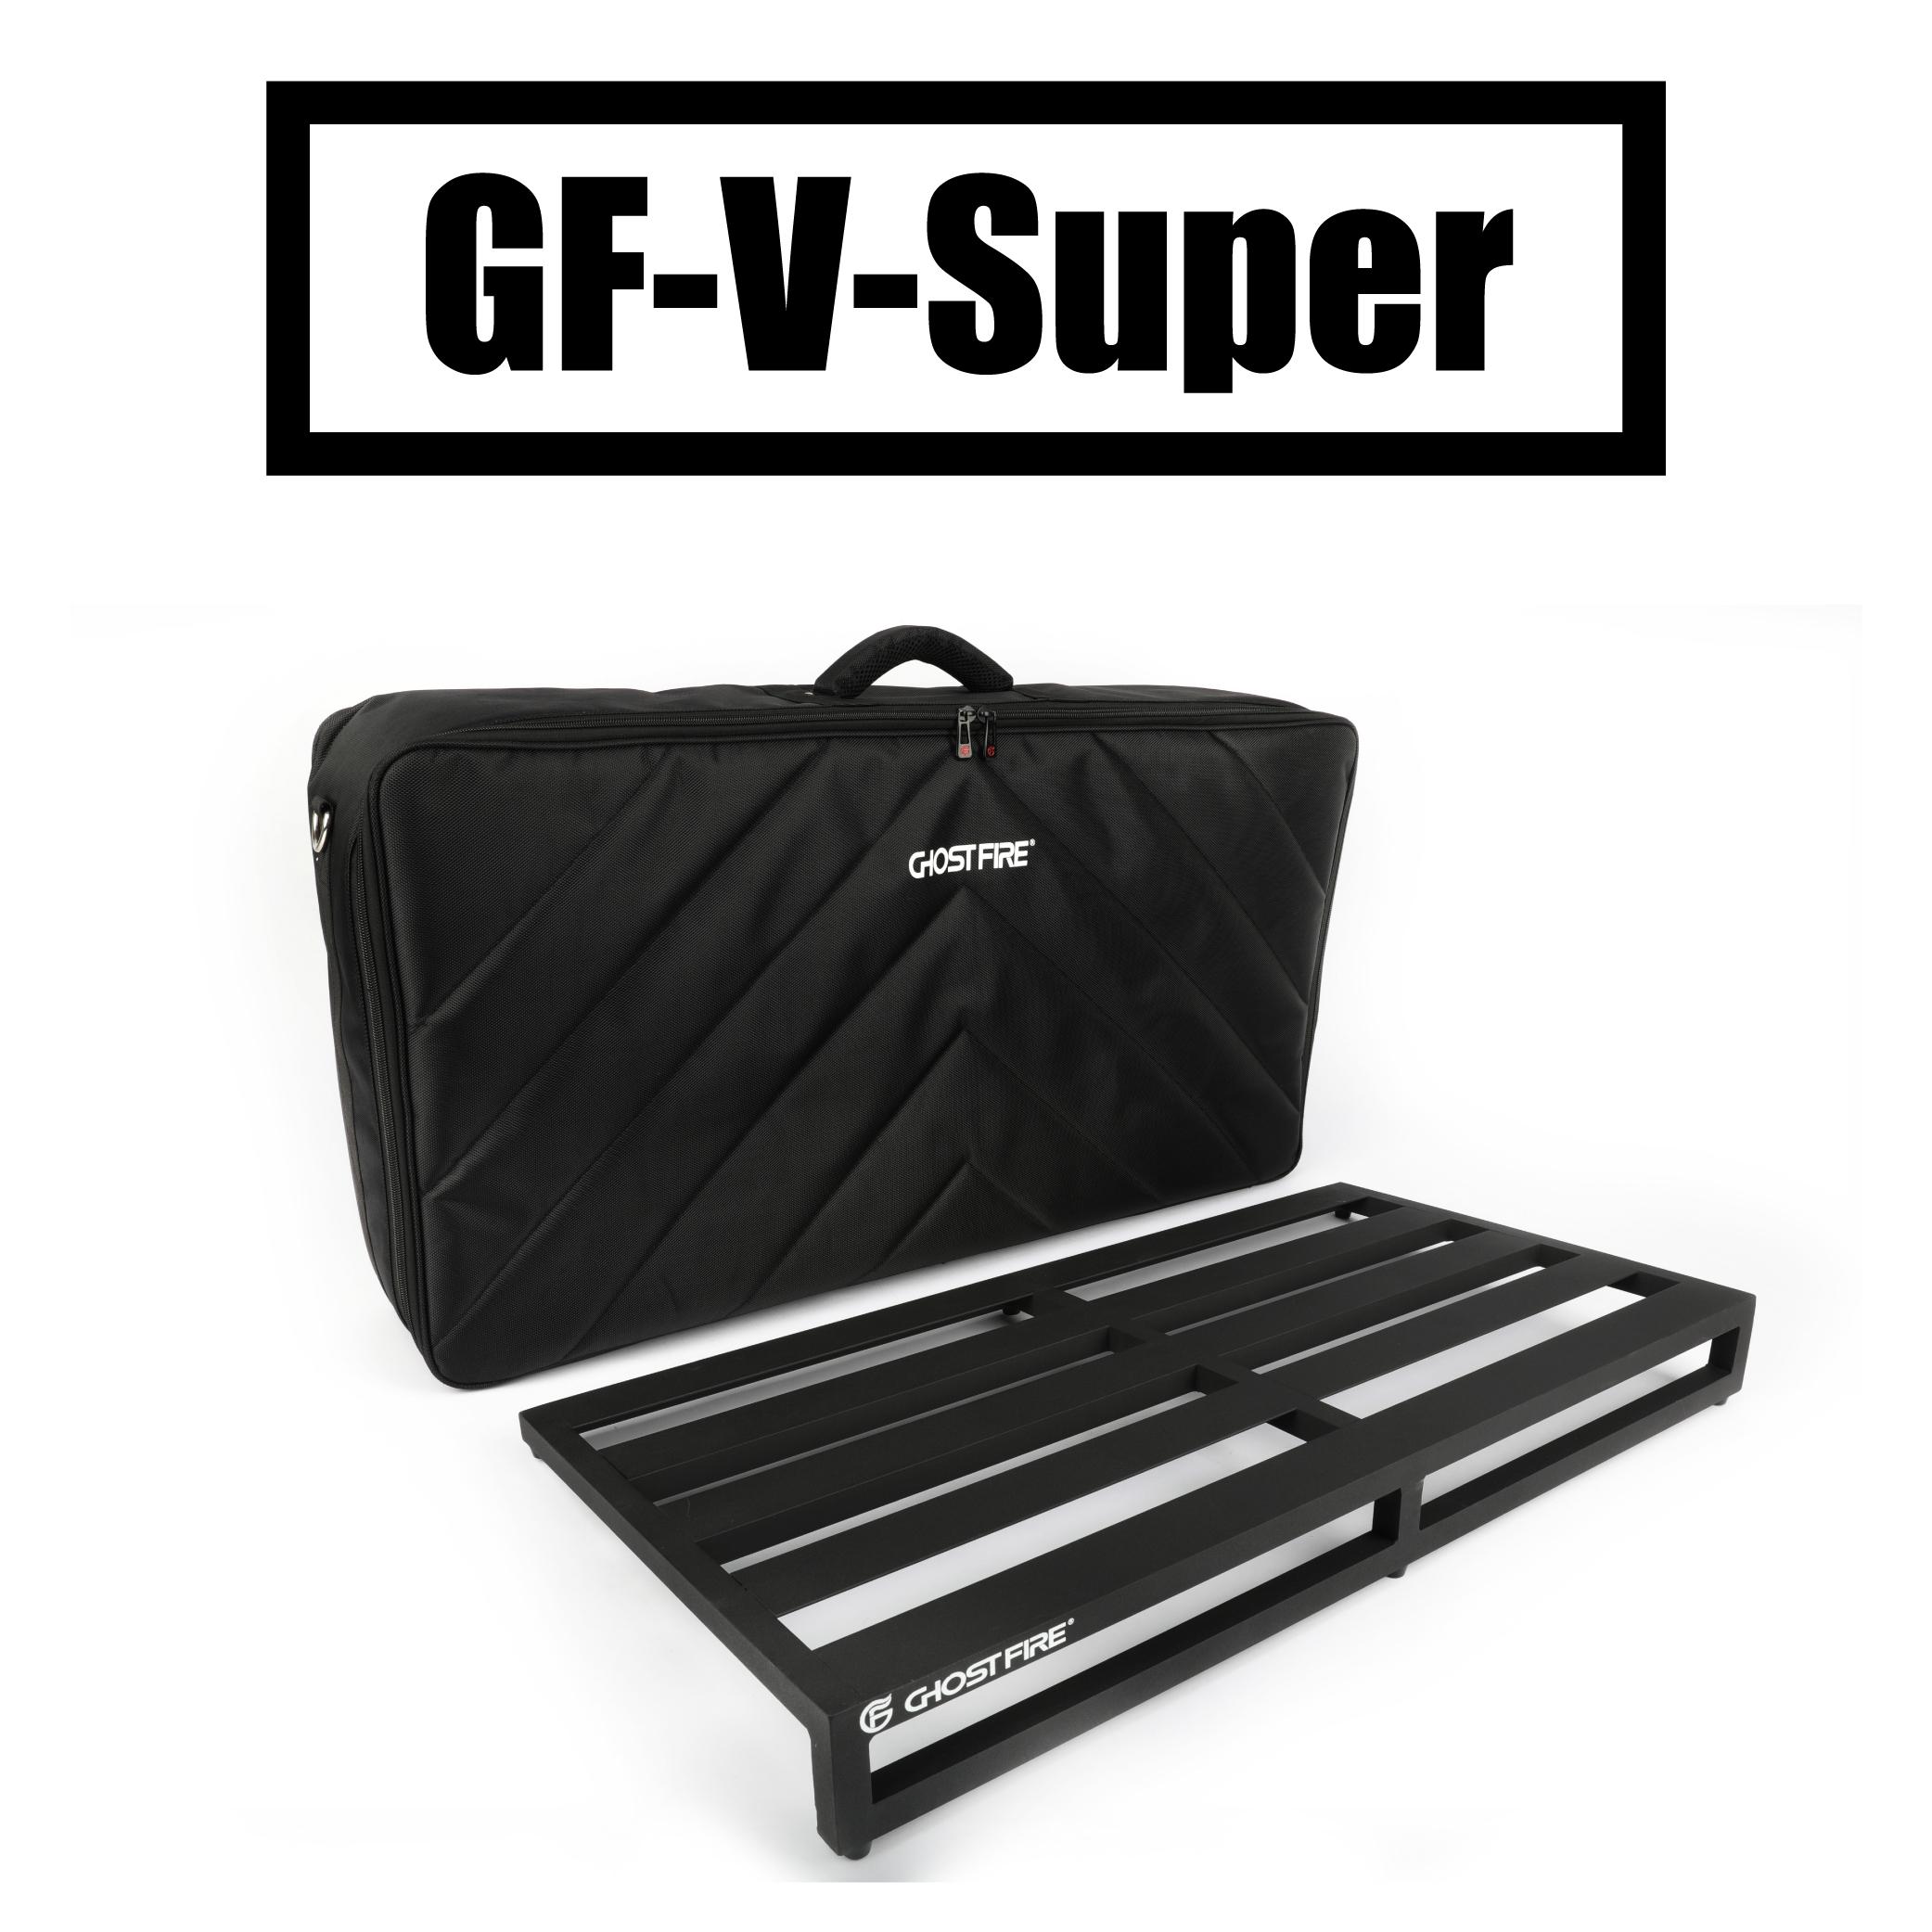 GF-V-Super